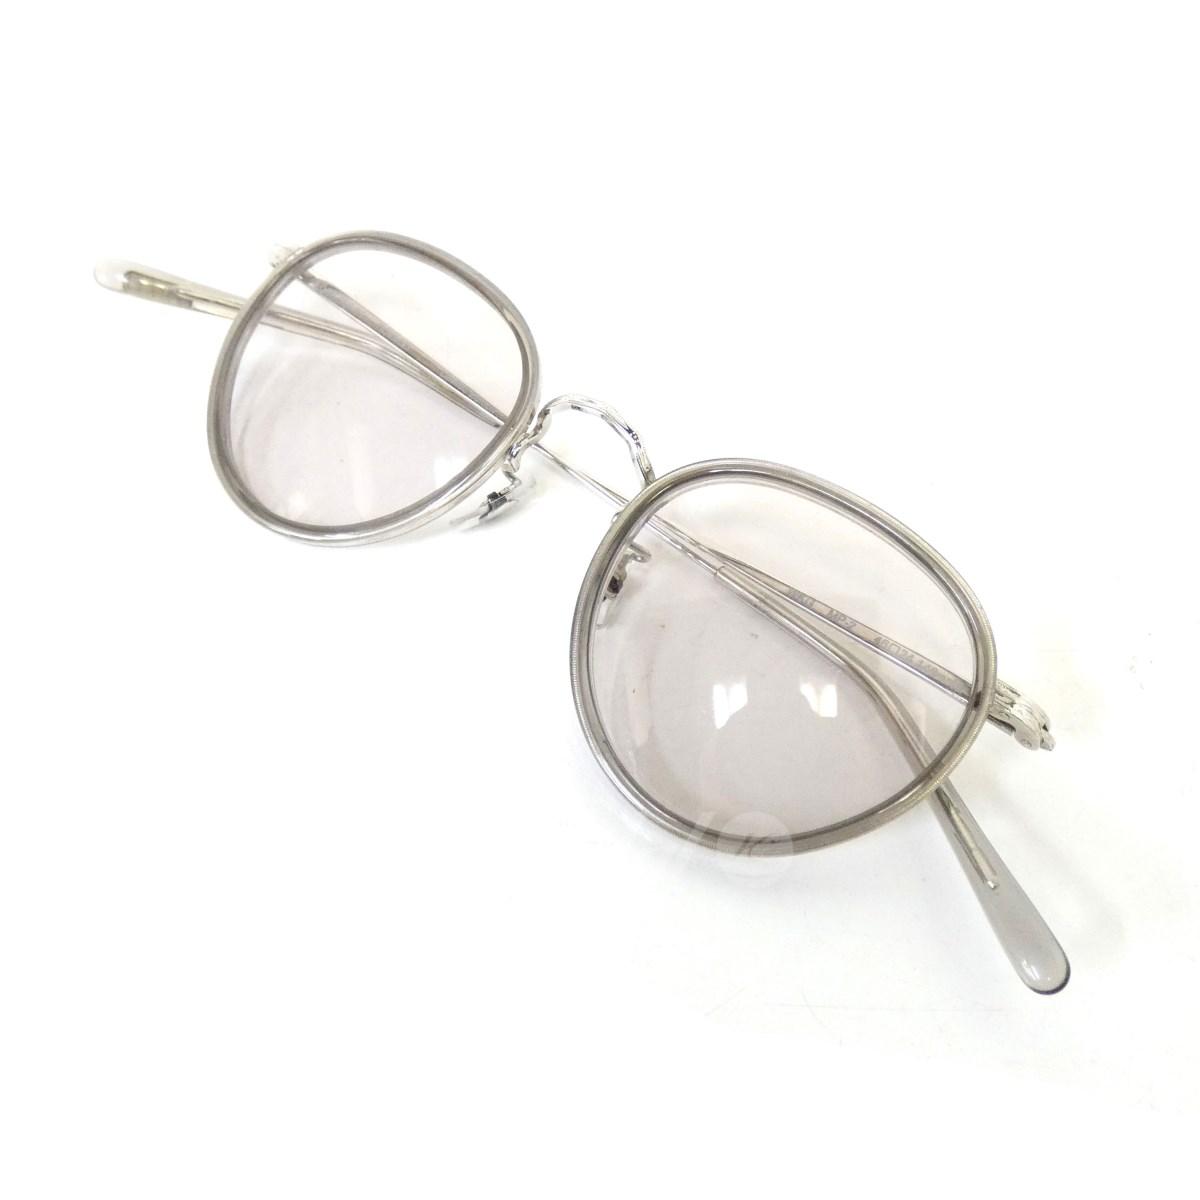 【中古】OLIVER PEOPLES 「MP-2 雅 WKG」 コンビネーションフレーム眼鏡 クリアグレー サイズ:46□24-148 【送料無料】 【100419】(オリバーピープルズ)